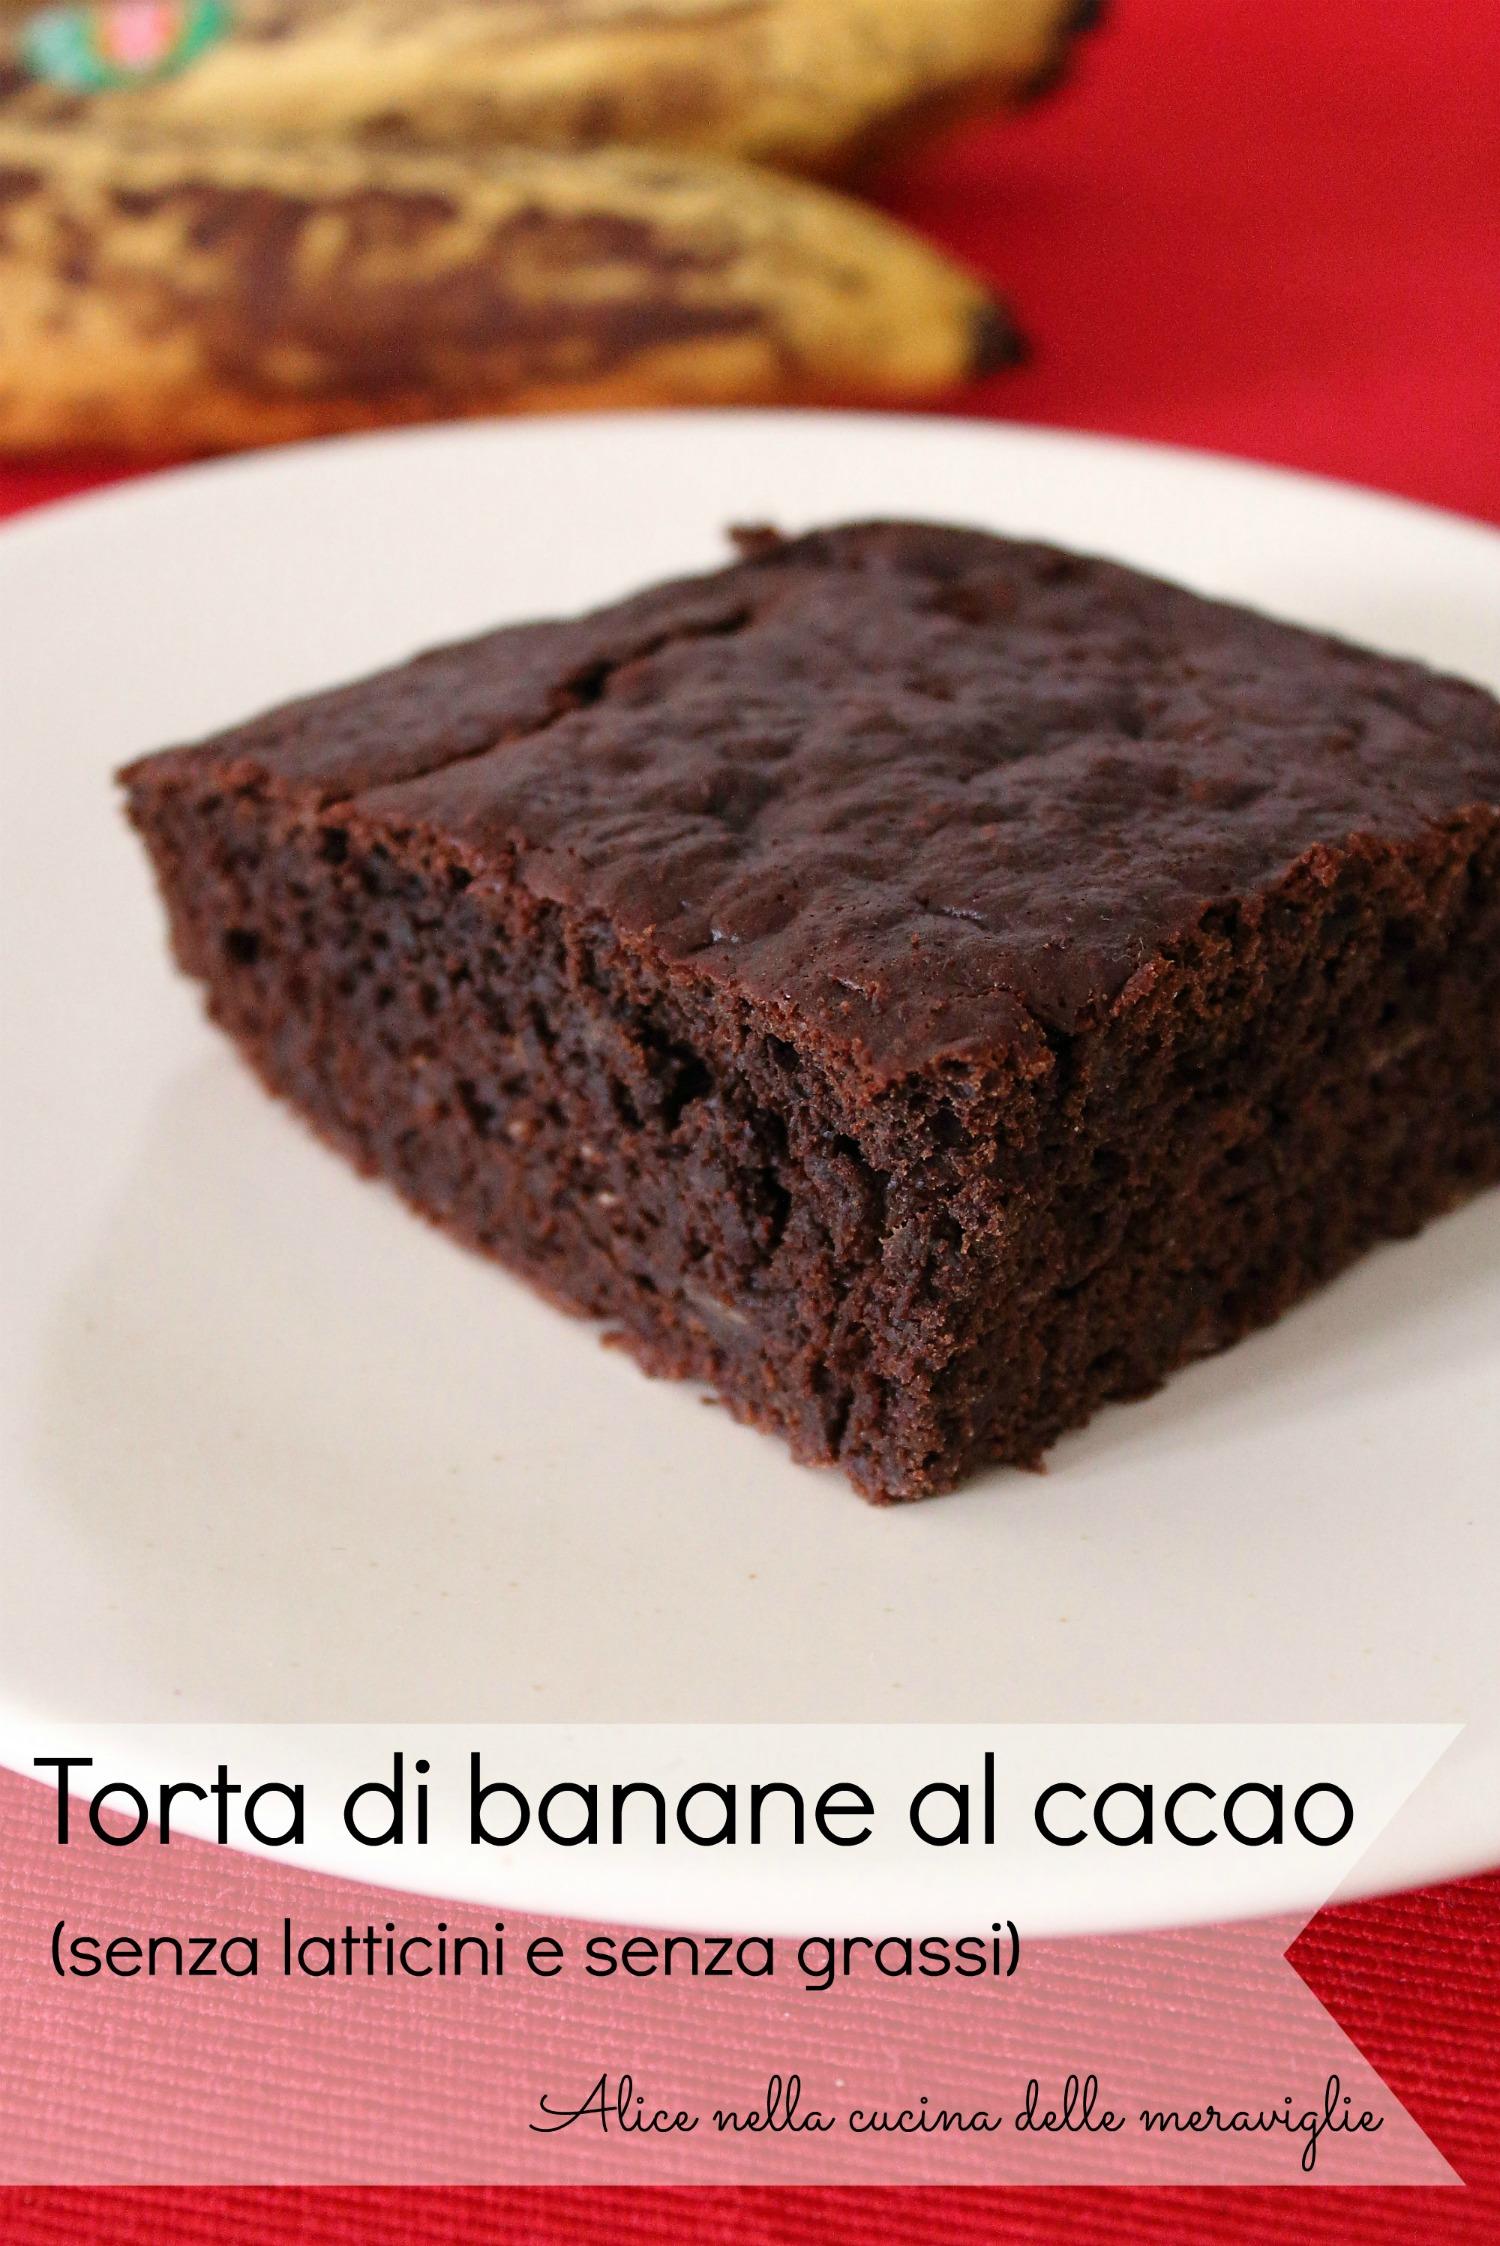 Torta di banane al cacao Ricetta dolce senza latticini e senza grassi Alice nella cucina delle meraviglie